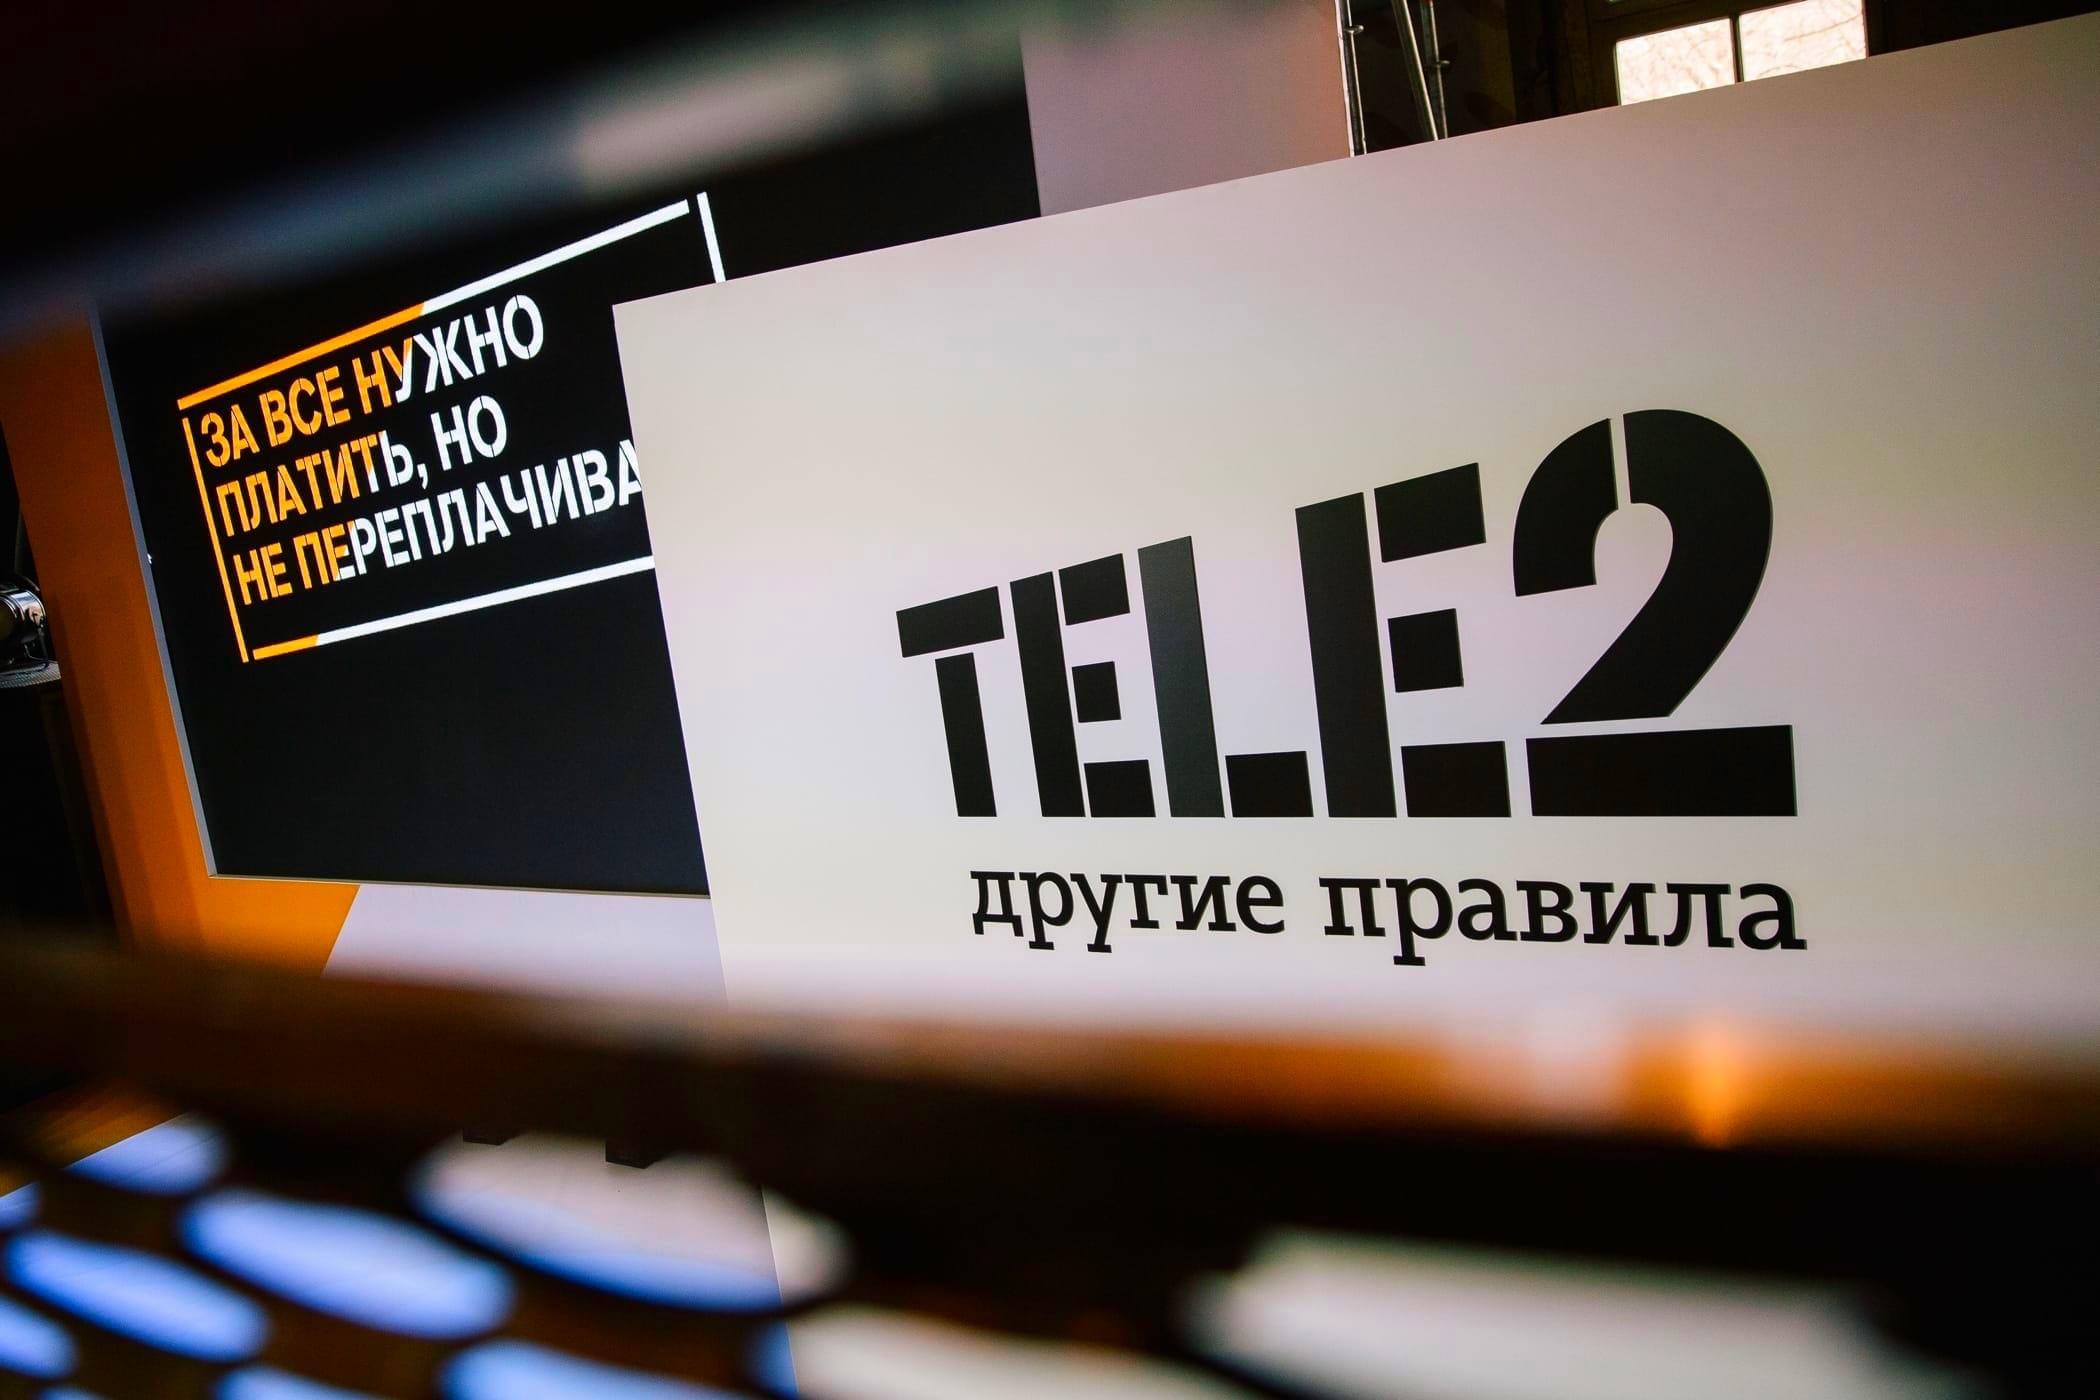 Tele2 запустил тарифы сбезлимитным интернетом, однако недля всех